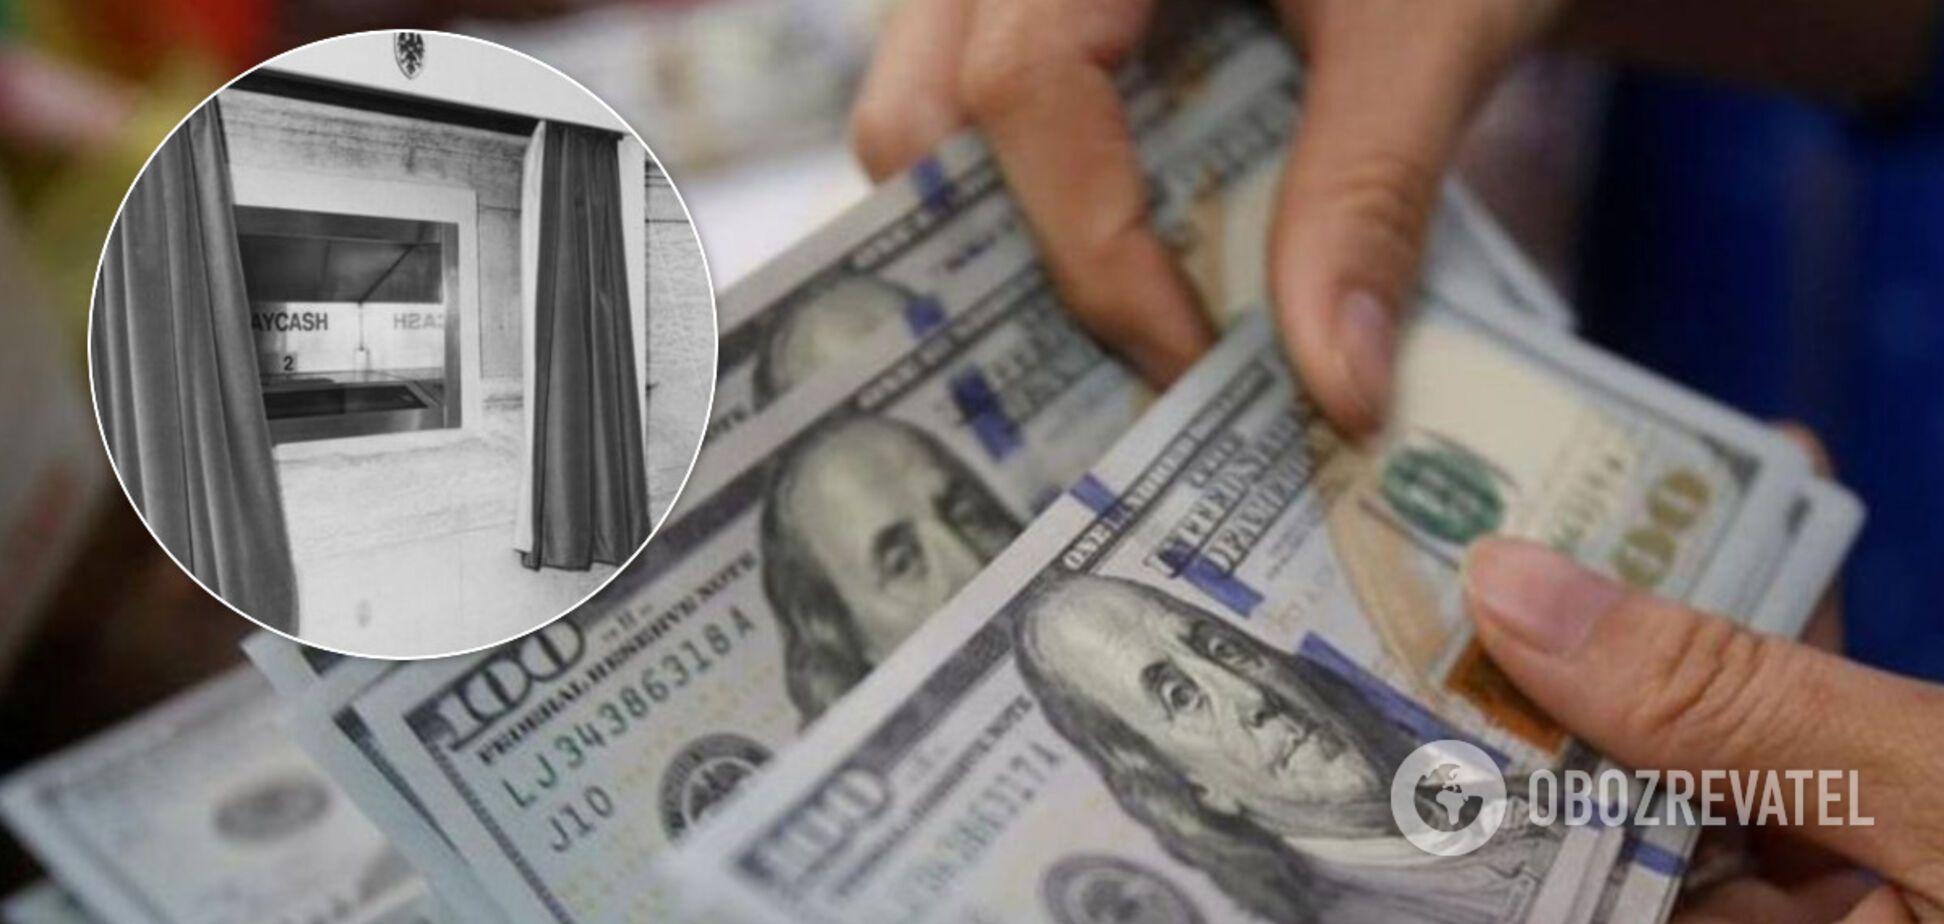 Первому в мире банкомату исполнилось 53 года: как выглядел и при каких обстоятельствах появился